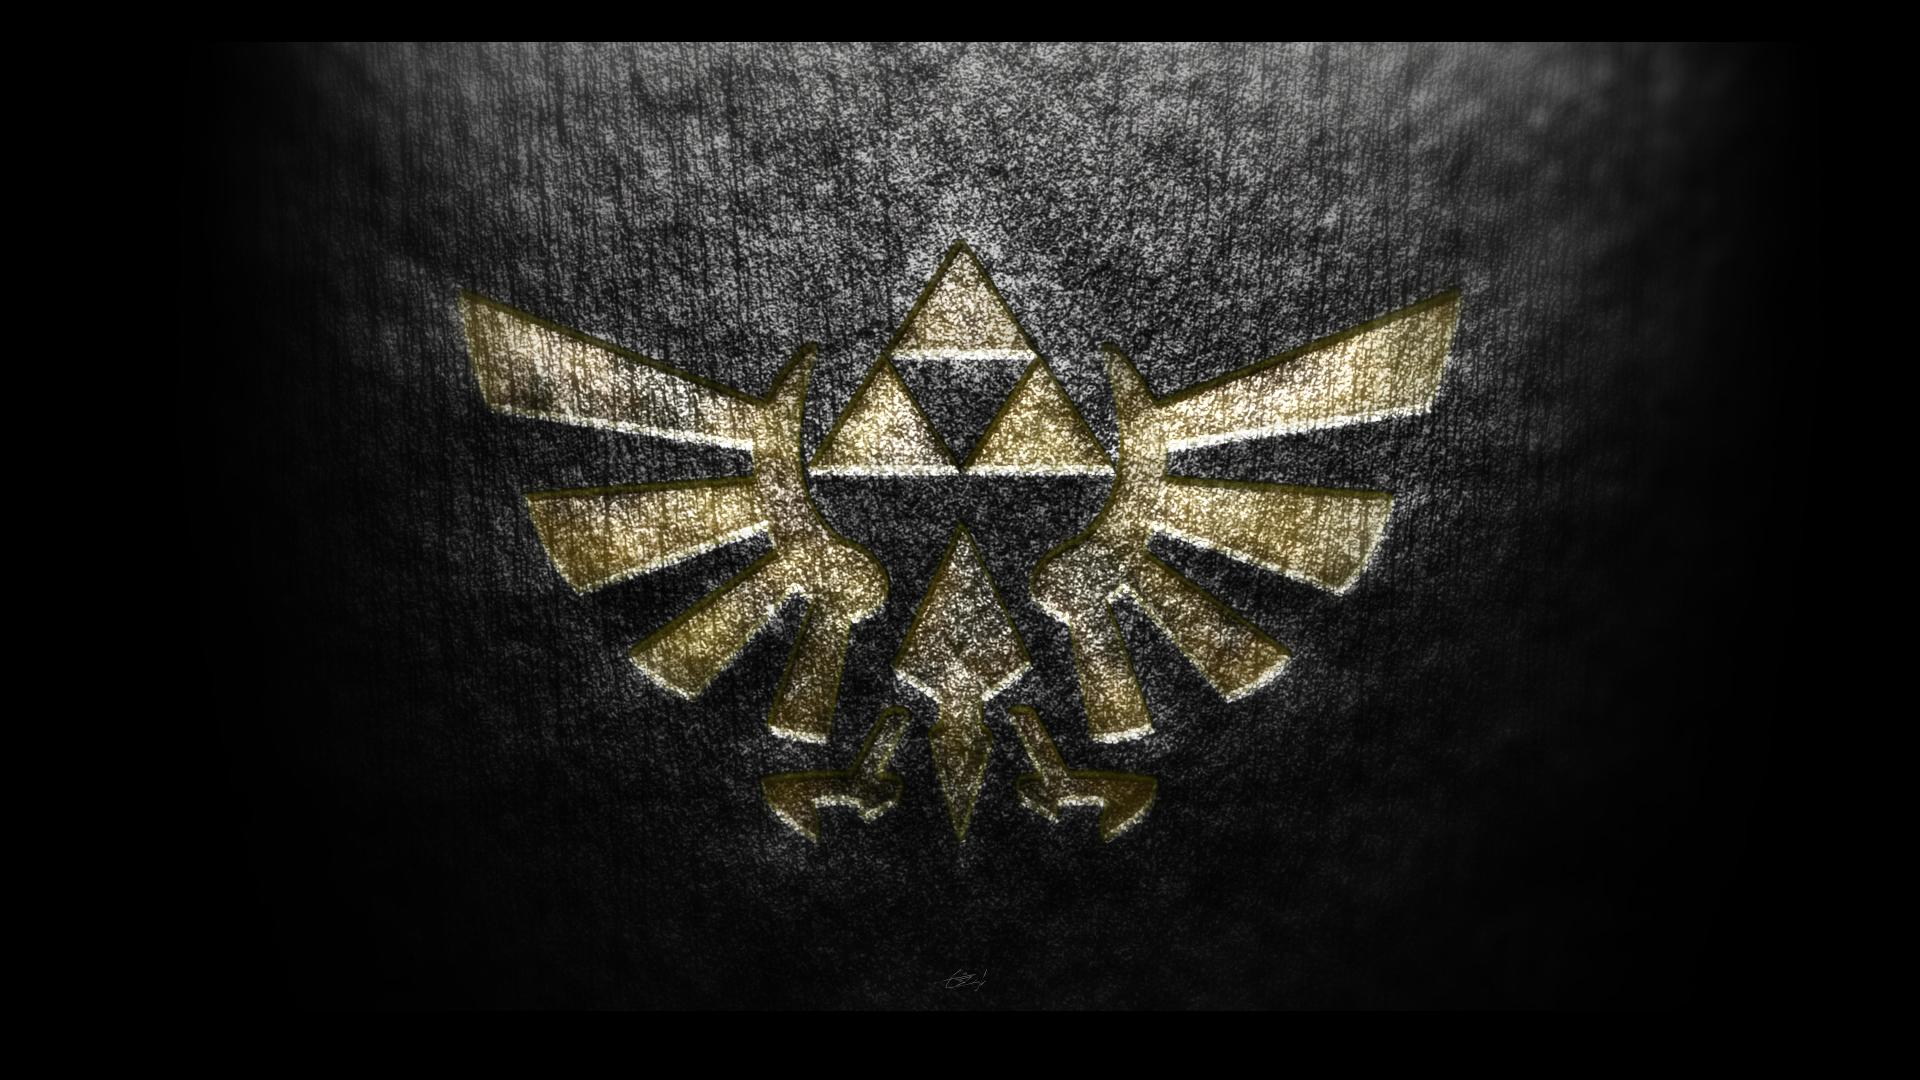 1080p Zelda Wallpaper: Legend Of Zelda Wallpaper 1080p